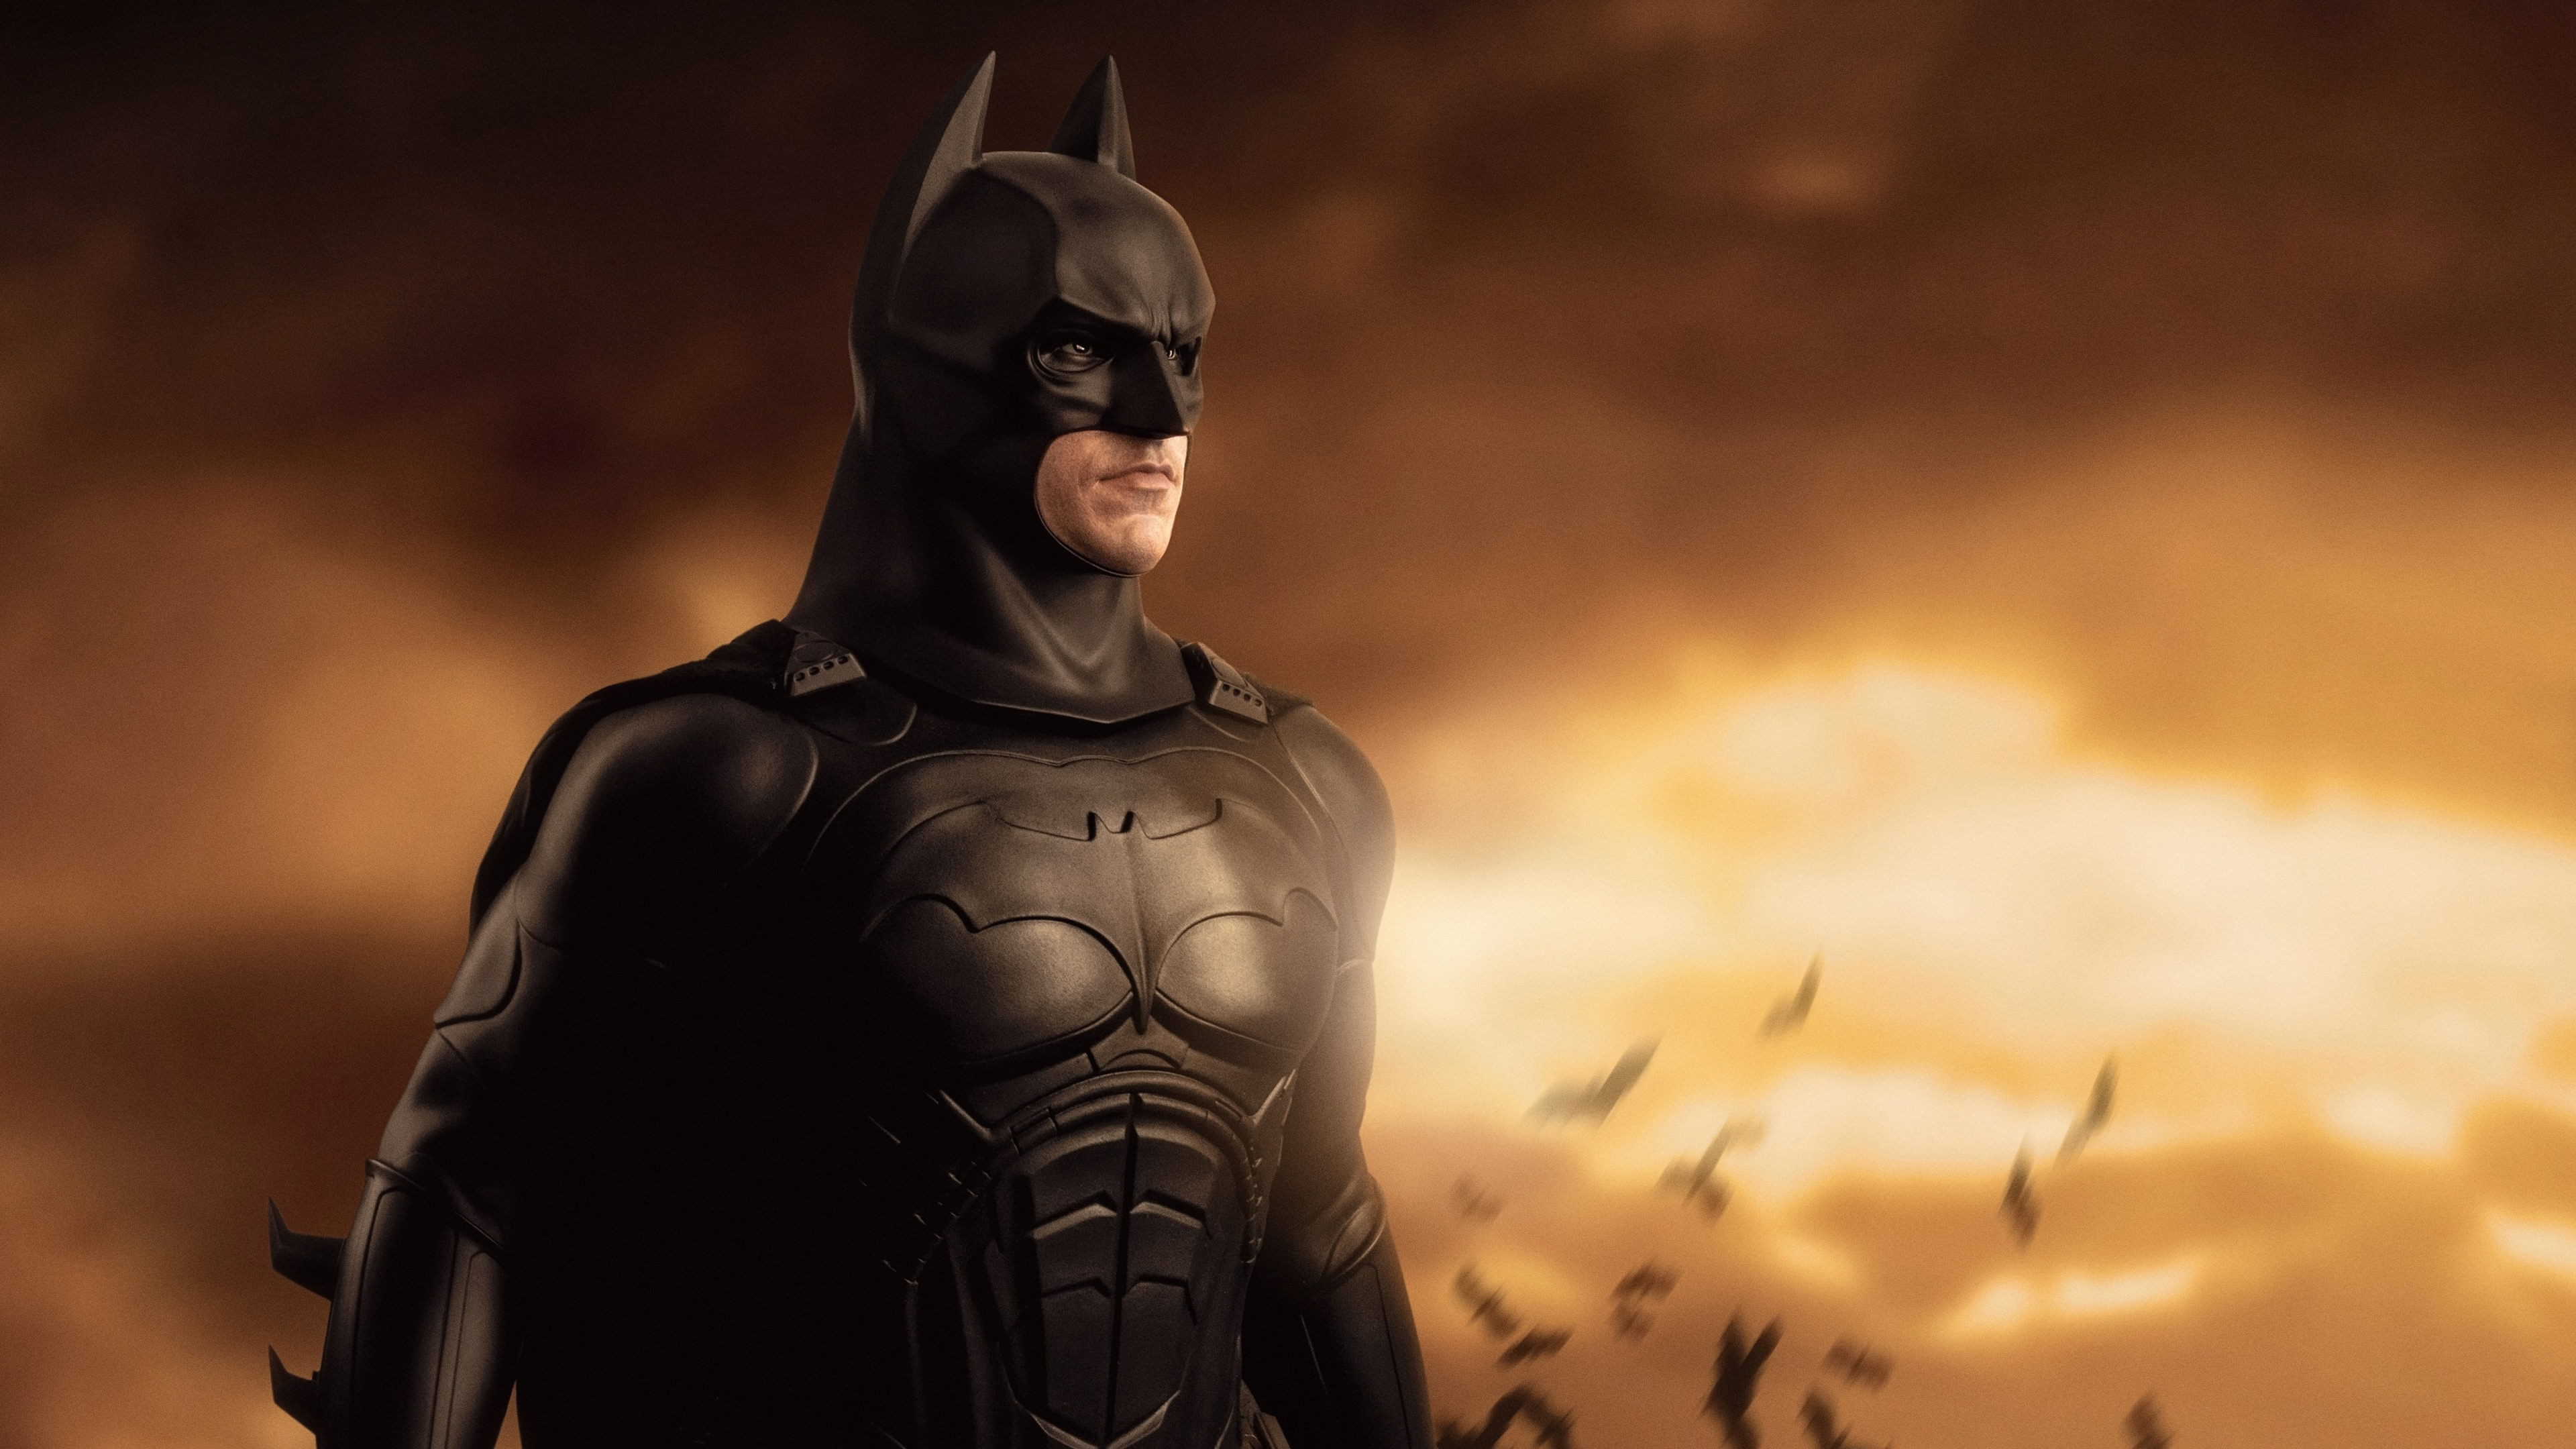 batman arkham 4k 1543618798 - Batman Arkham 4k - superheroes wallpapers, hd-wallpapers, batman wallpapers, 4k-wallpapers